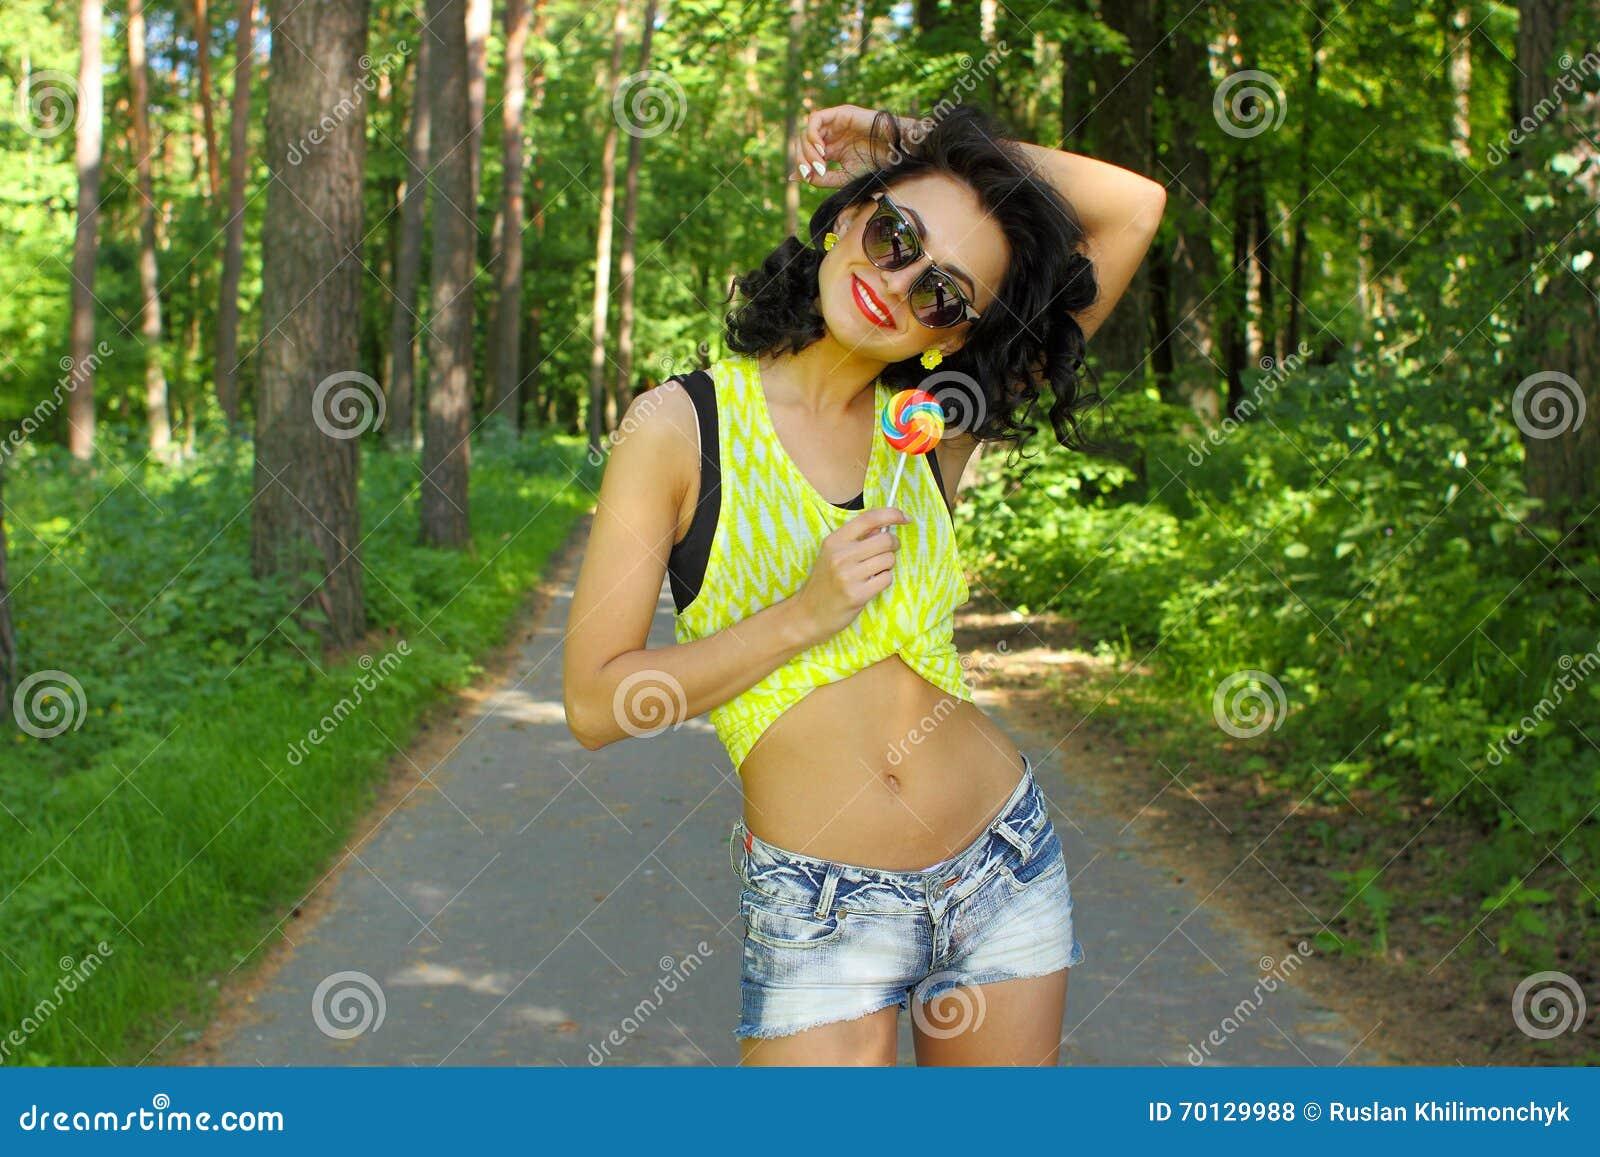 Portrait Colore De La Jeune Fille Drole Sexy De Mode Posant Dans L Equipement De Style D Ete Photo Stock Image Du Style Drole 70129988